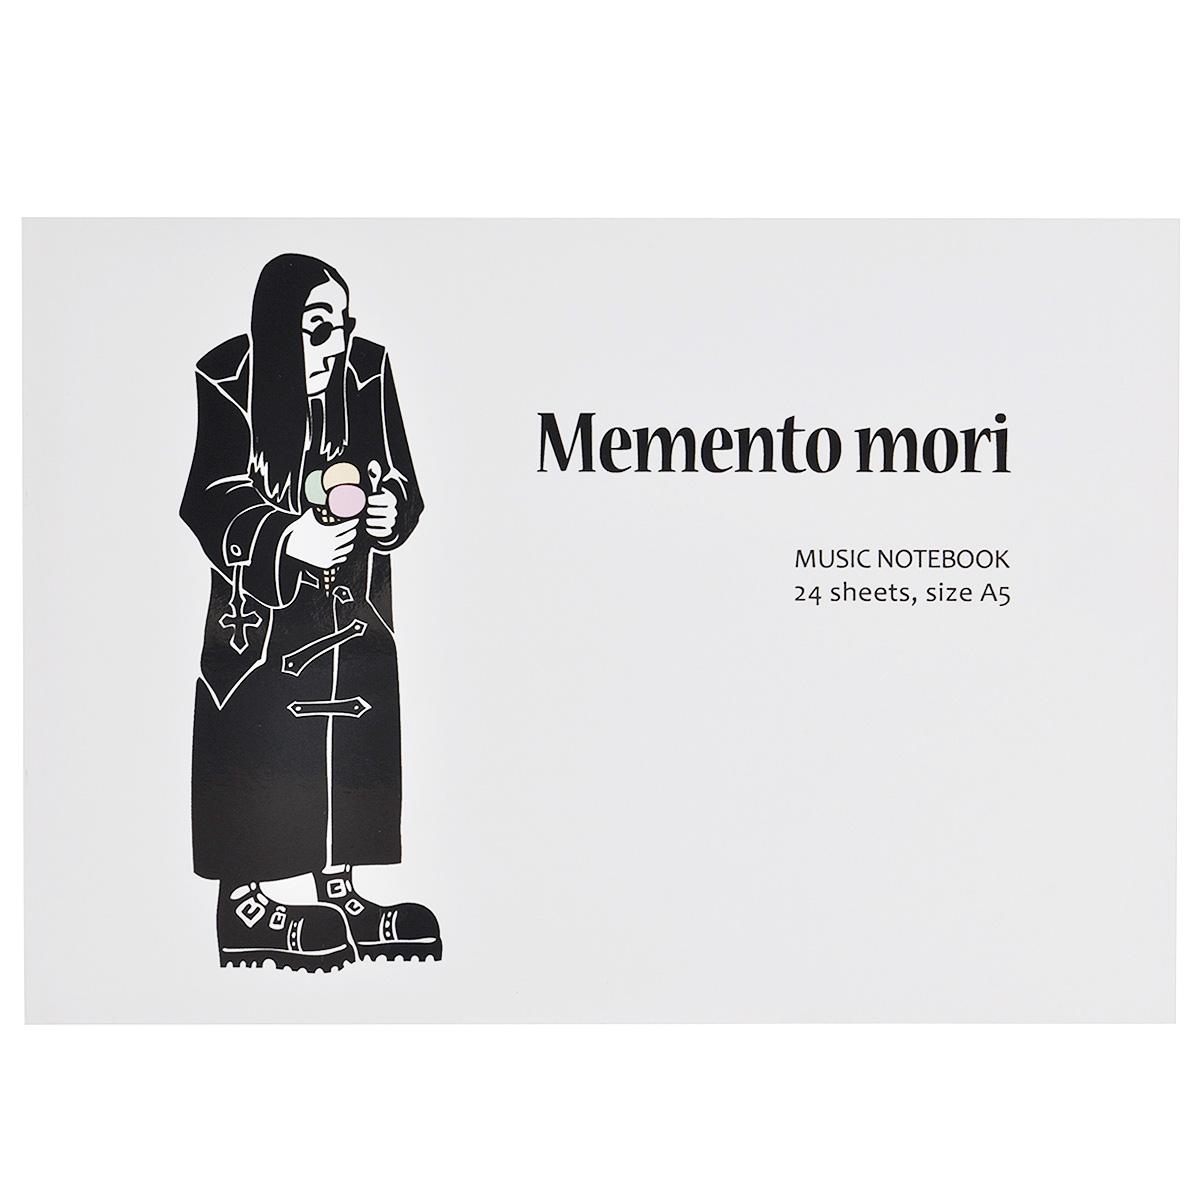 Тетрадь для нот Memento Mori, 24 листа. Формат А5ЦБ010691Тетрадь для нот Memento Mori - отличный помощник в обучении музыке. Обложка выполнена из картона и оформлена изображением человека в черном плаще с мороженым в руке. Внутренний блок включает 24 листа с нотными станами.